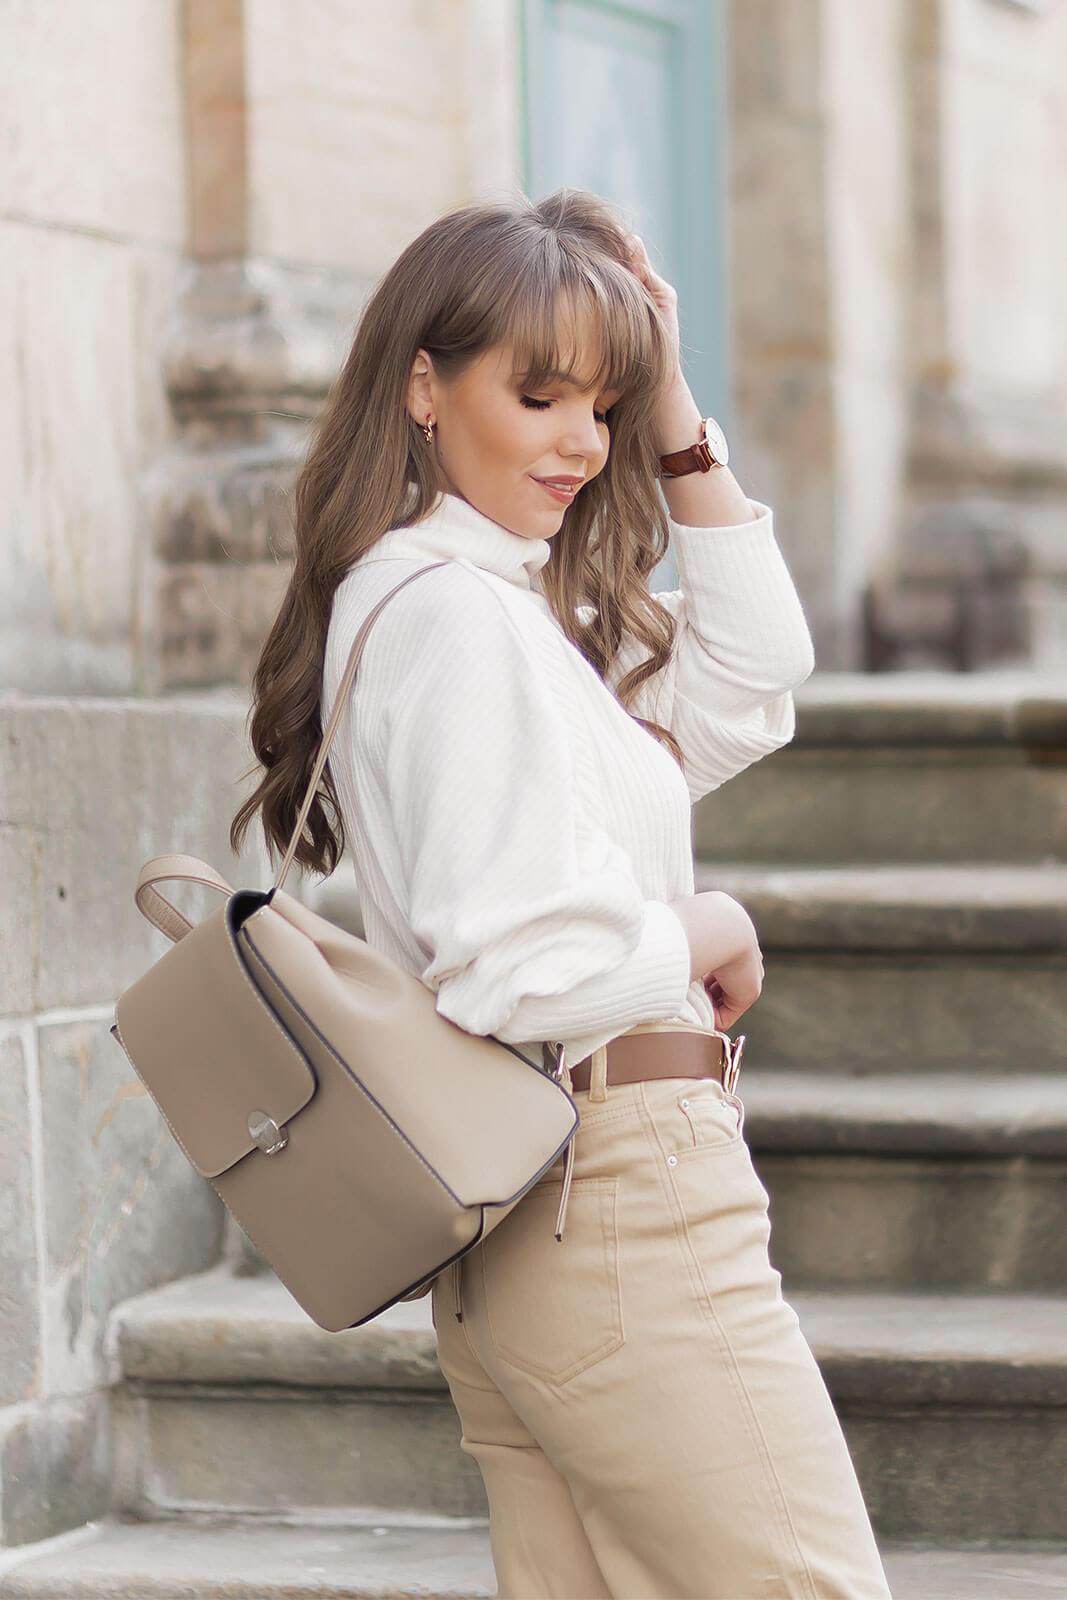 Elegante Rucksäcke, Taschen Trend, Rucksäcke schick stylen, Jeans Culotte, Pumps in Kroko-Optik, Shoelove by Deichmann